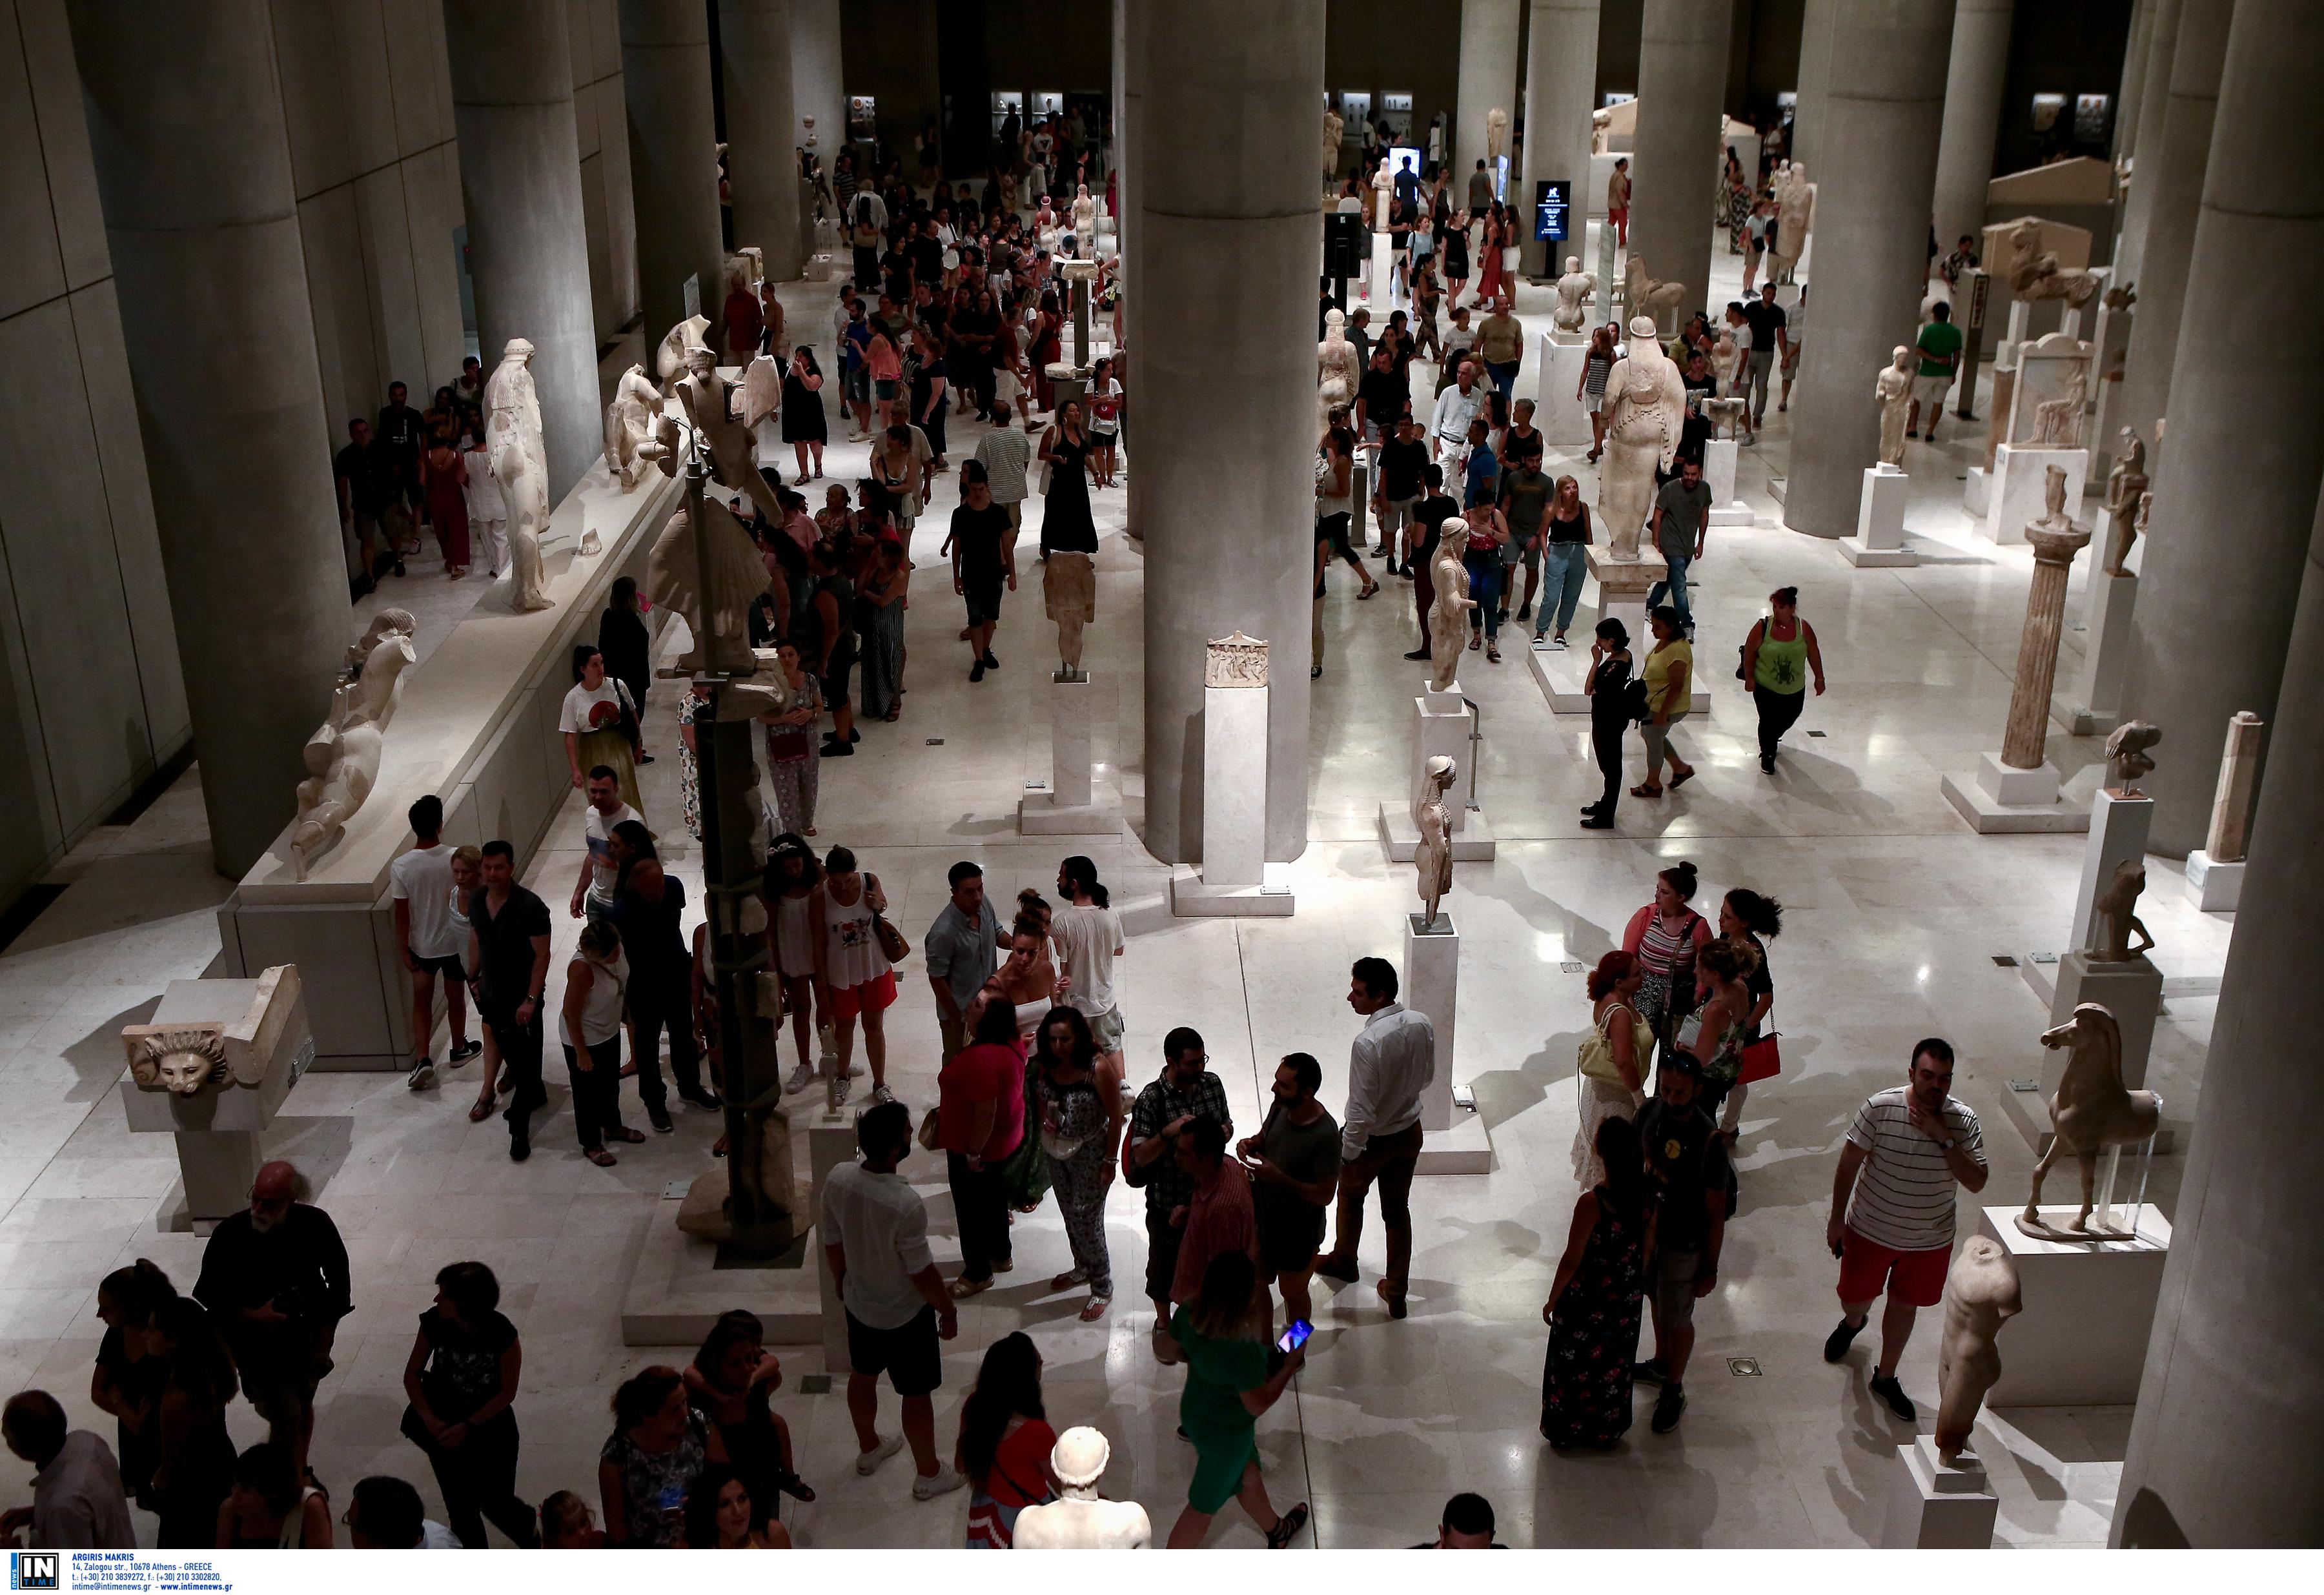 Ελεύθερη η είσοδος σήμερα στο Μουσείο Ακρόπολης